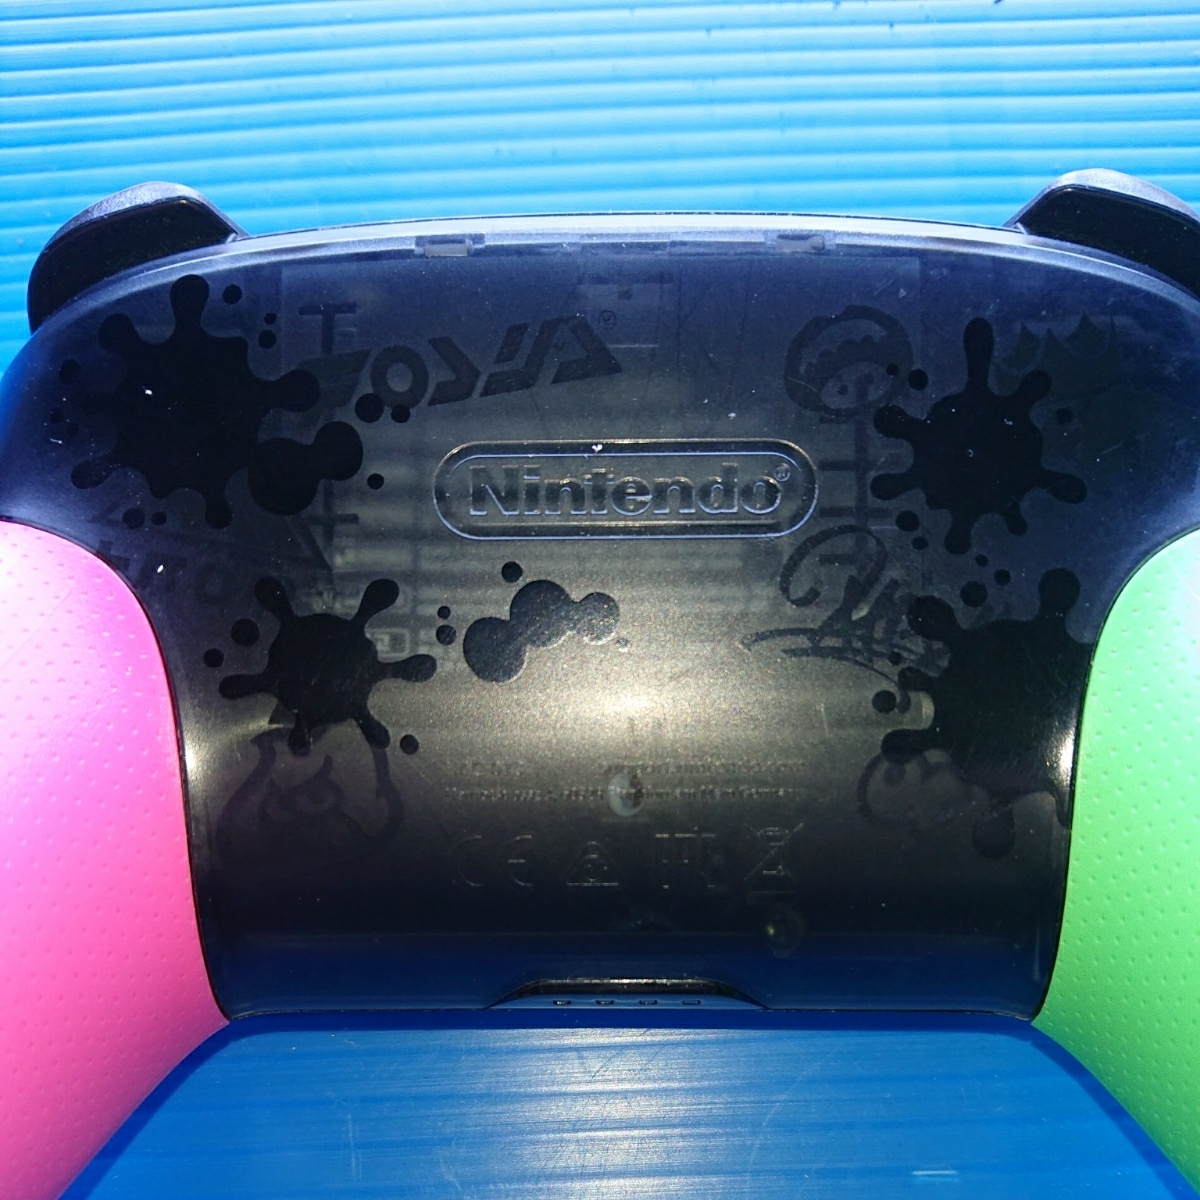 【動作未確認・ジャンク扱い】switch スイッチ コントローラー Nintendo Proコントローラー スプラトゥーン2 エディション 任天堂 純正_画像6